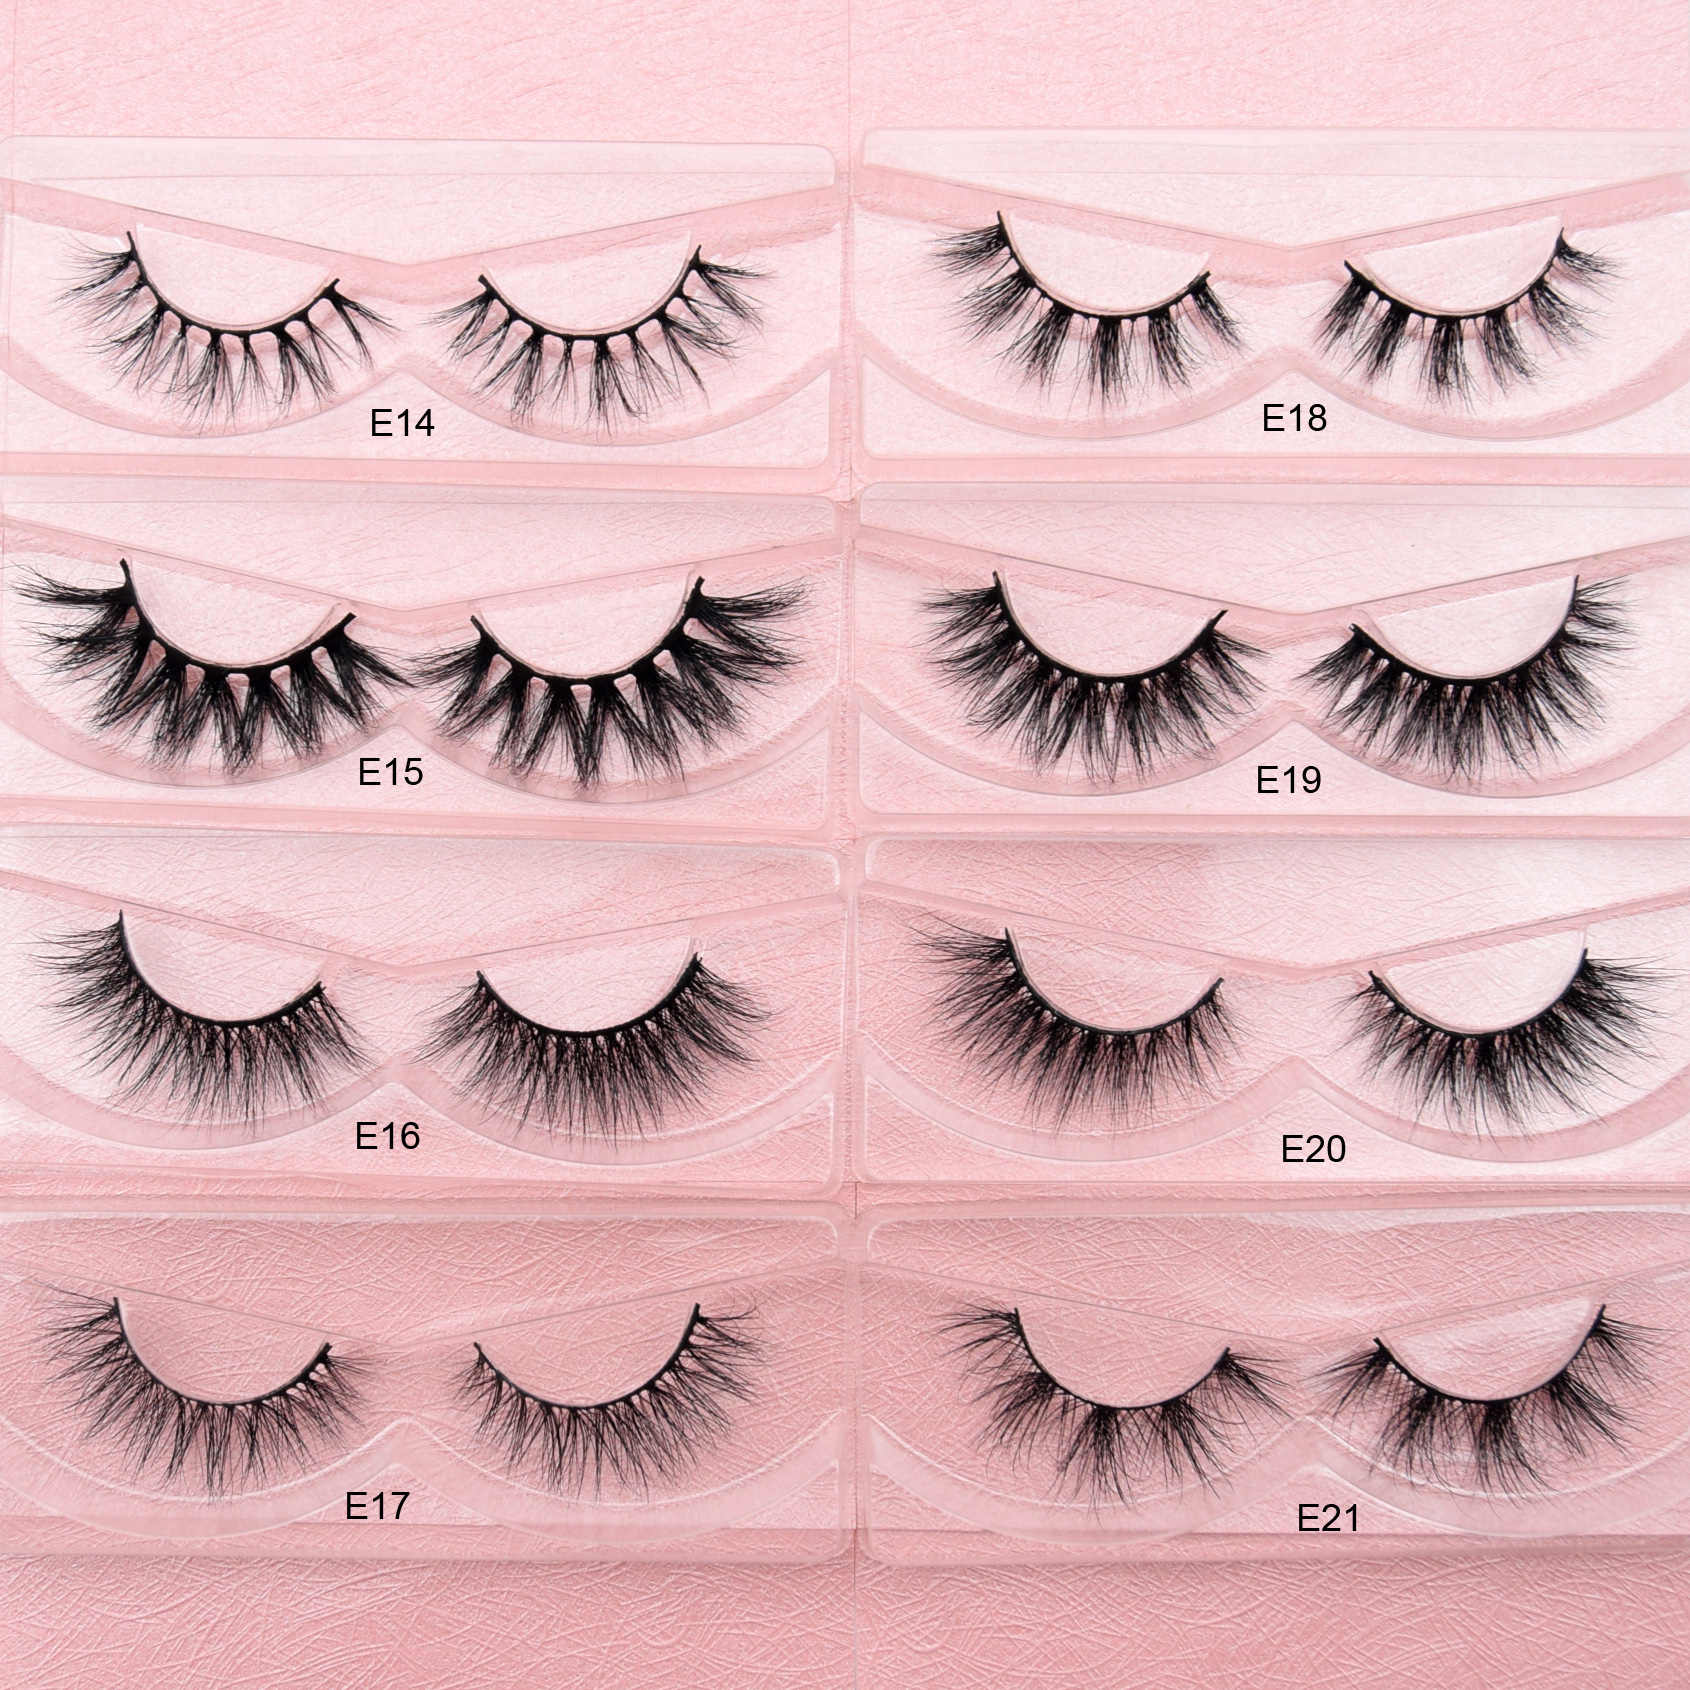 Visofree Nerz Wimpern Natürliche Falsche Wimpern Gefälschte Wimpern Lange Make-Up 3D Nerz Wimpern Verlängerung Wimpern Make-Up für Schönheit